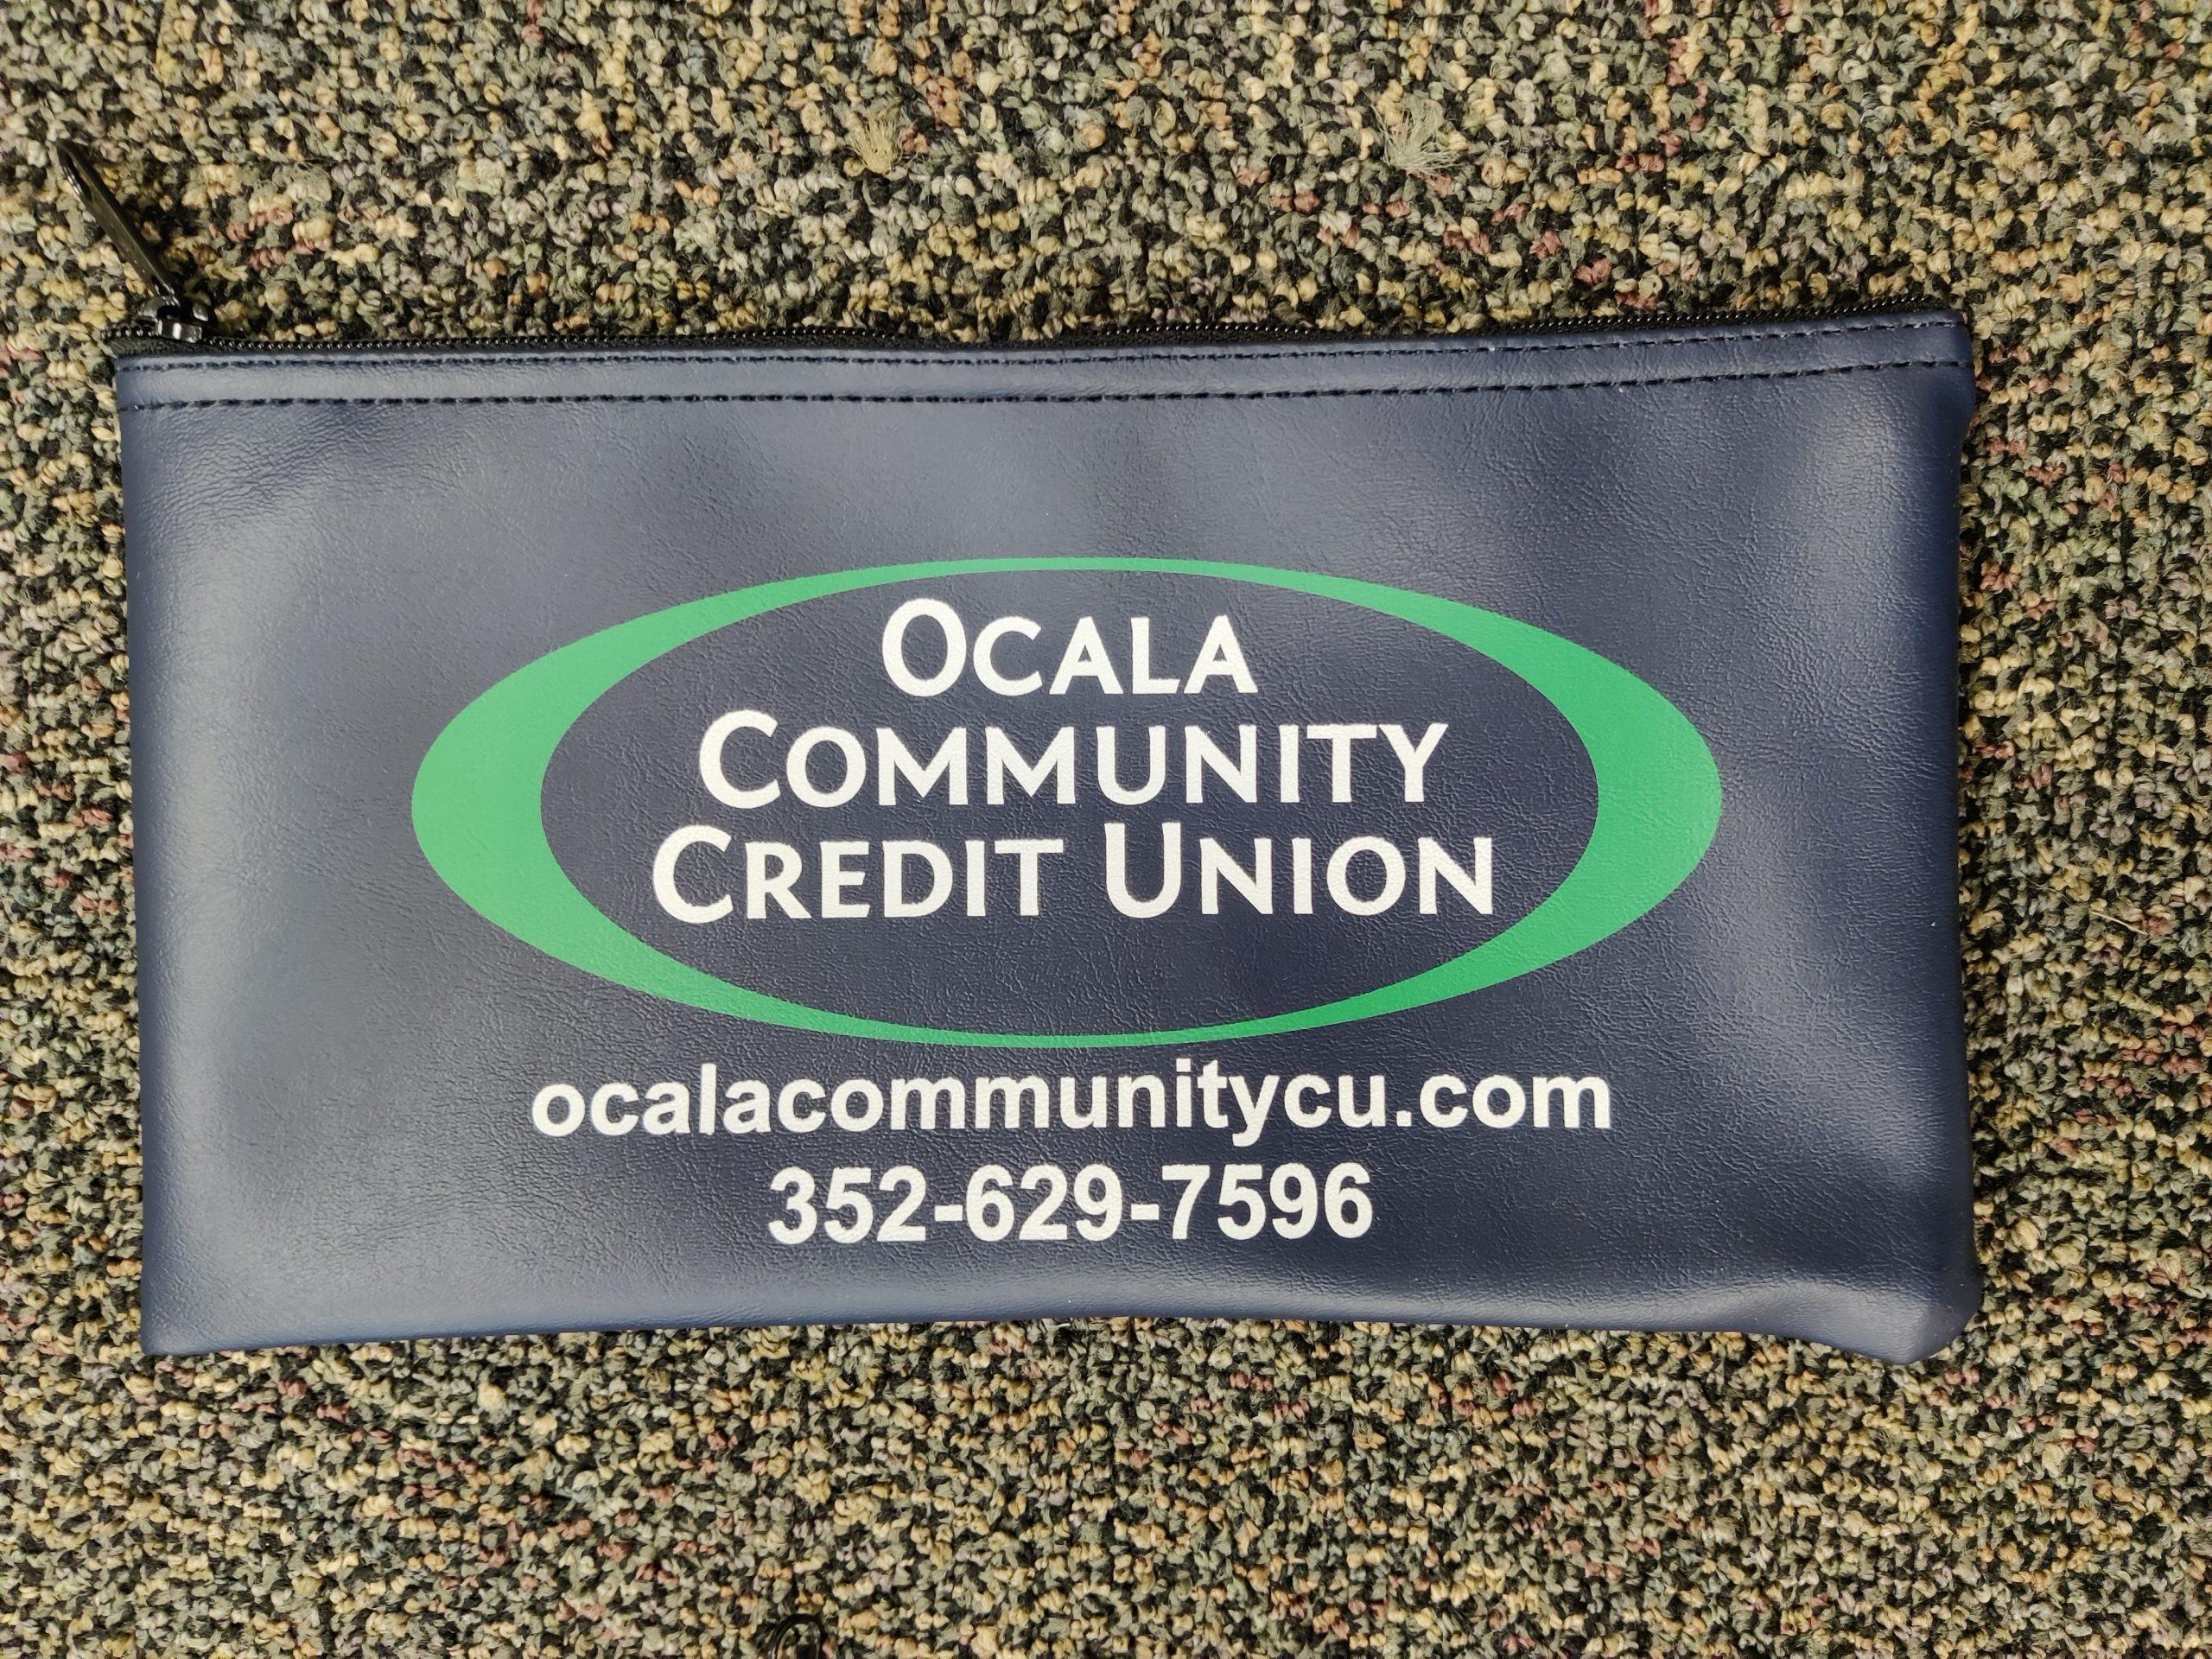 Ocala Community Credit Union Zipper Bag